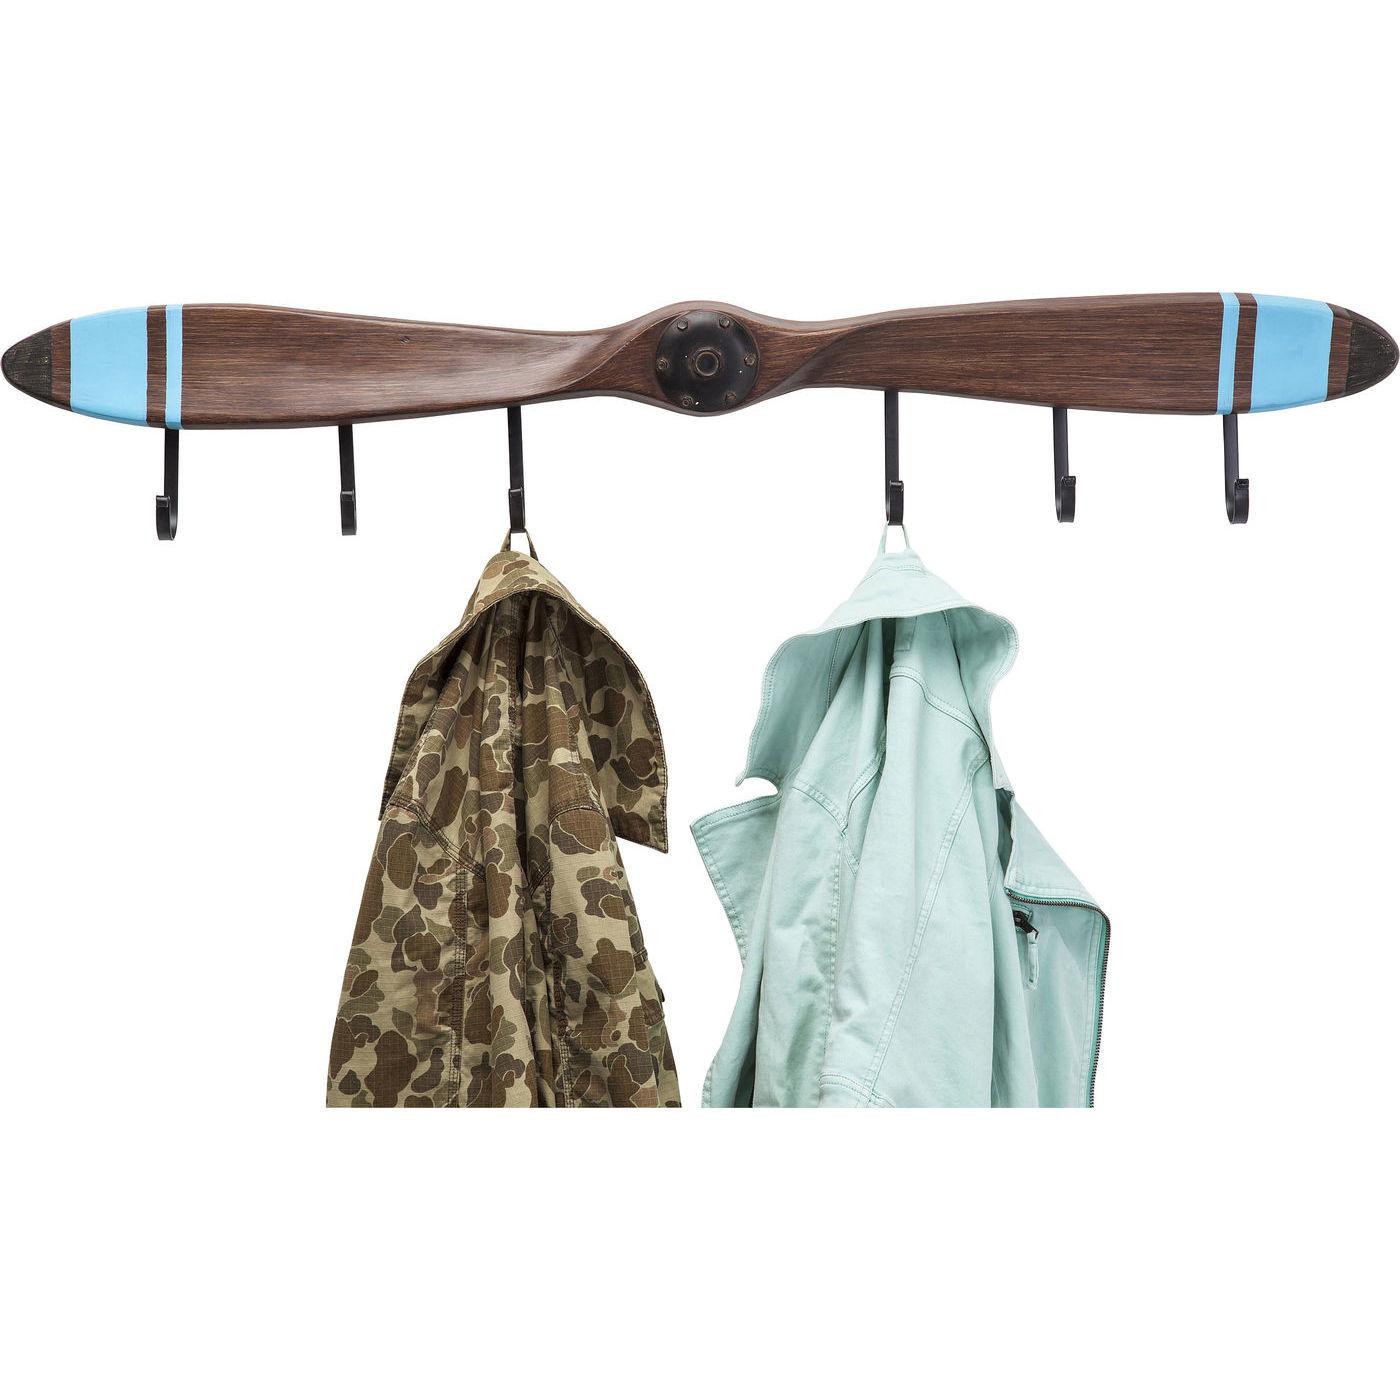 Garderobenleiste propeller kare design mutoni m bel for Kare design schweiz